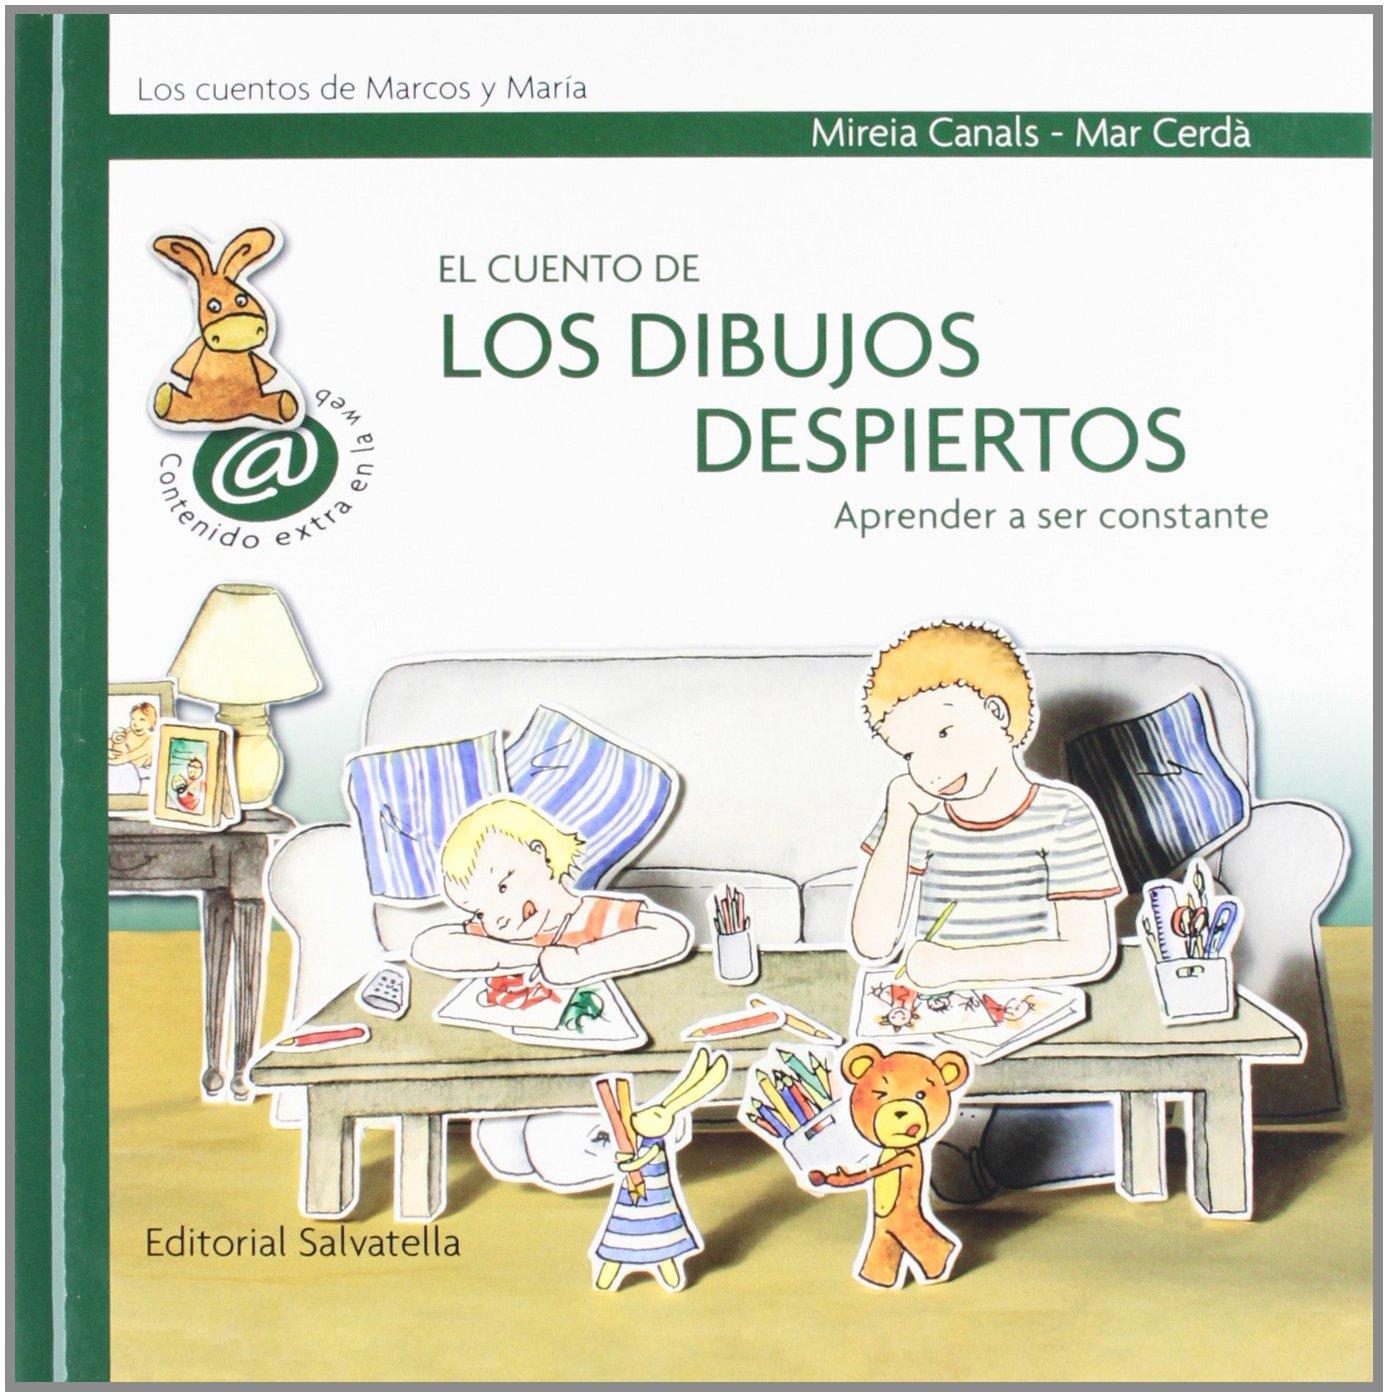 El cuento de los dibujos despiertos (Spanish) Hardcover – February 1, 2009